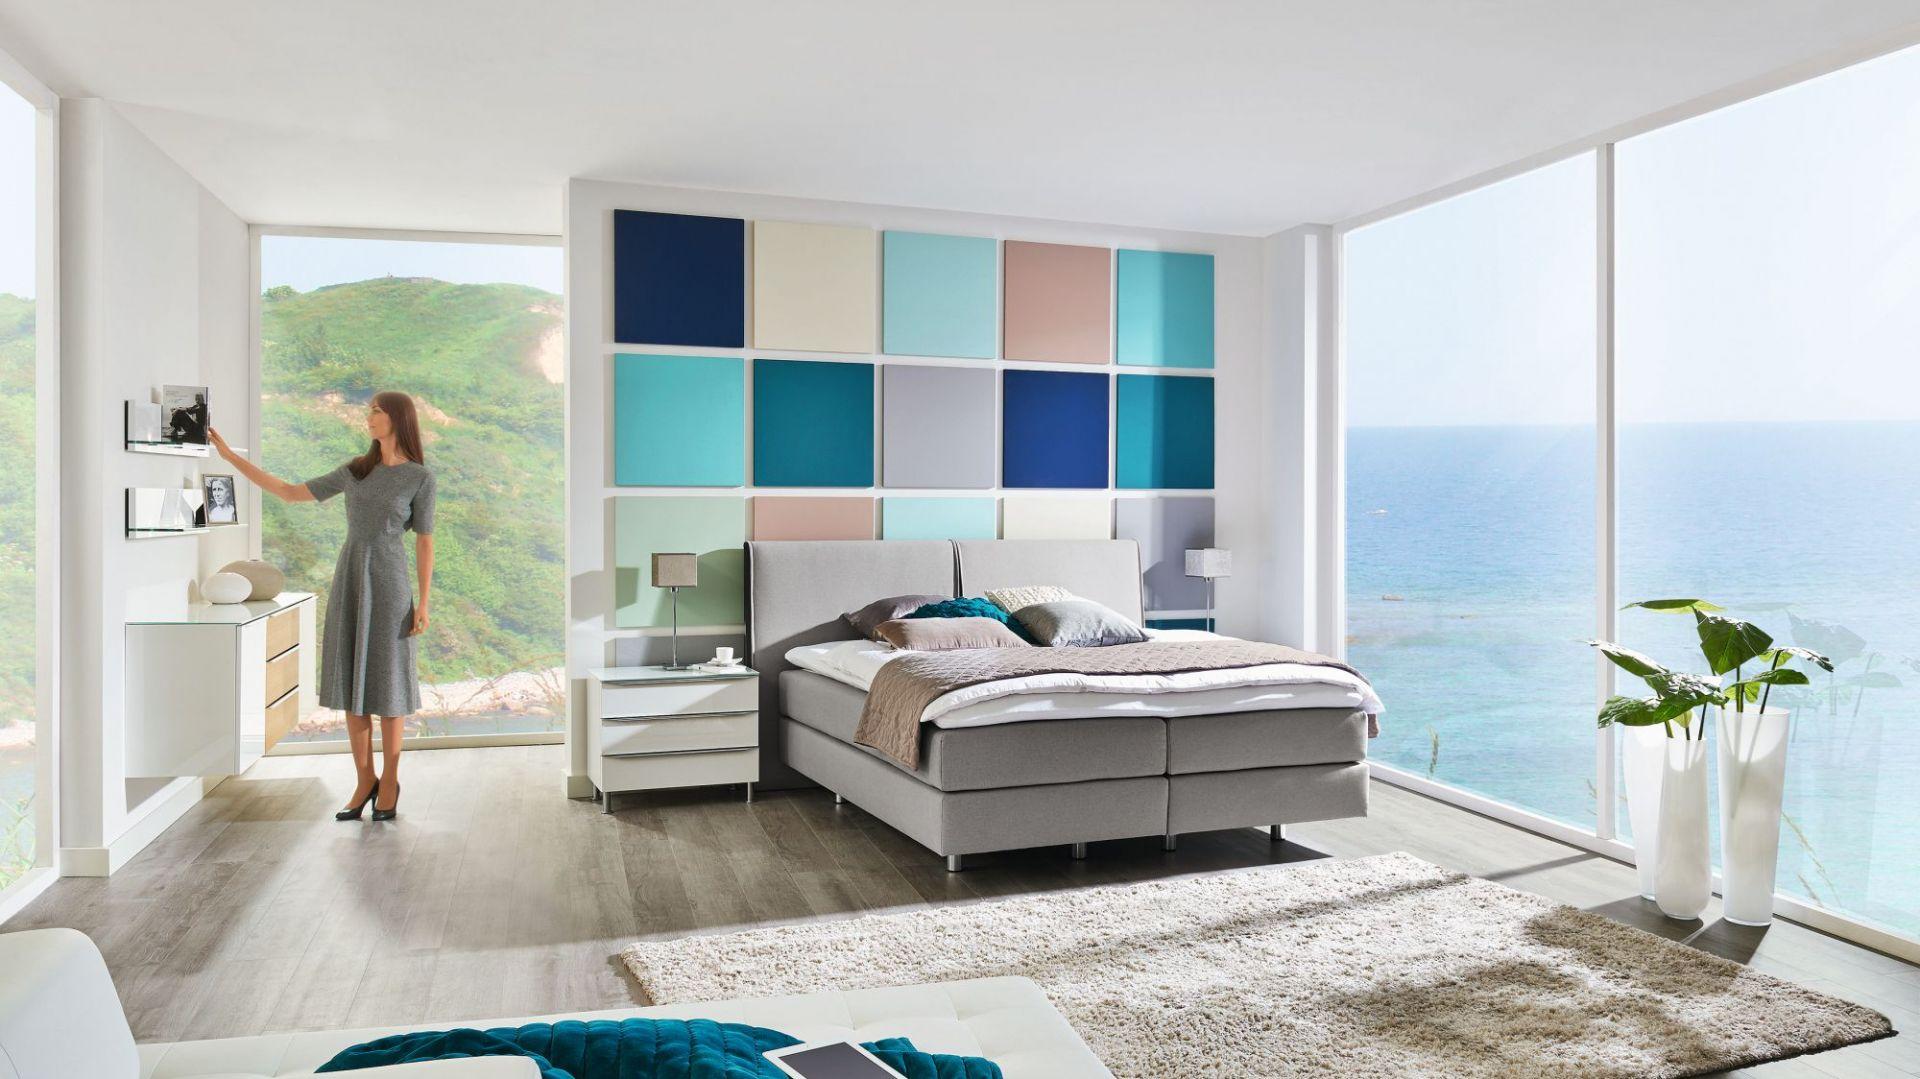 Łóżko kontynentalne Comfort obite tkaniną w najmodniejszym kolorze szarym. Fot. Huelsta